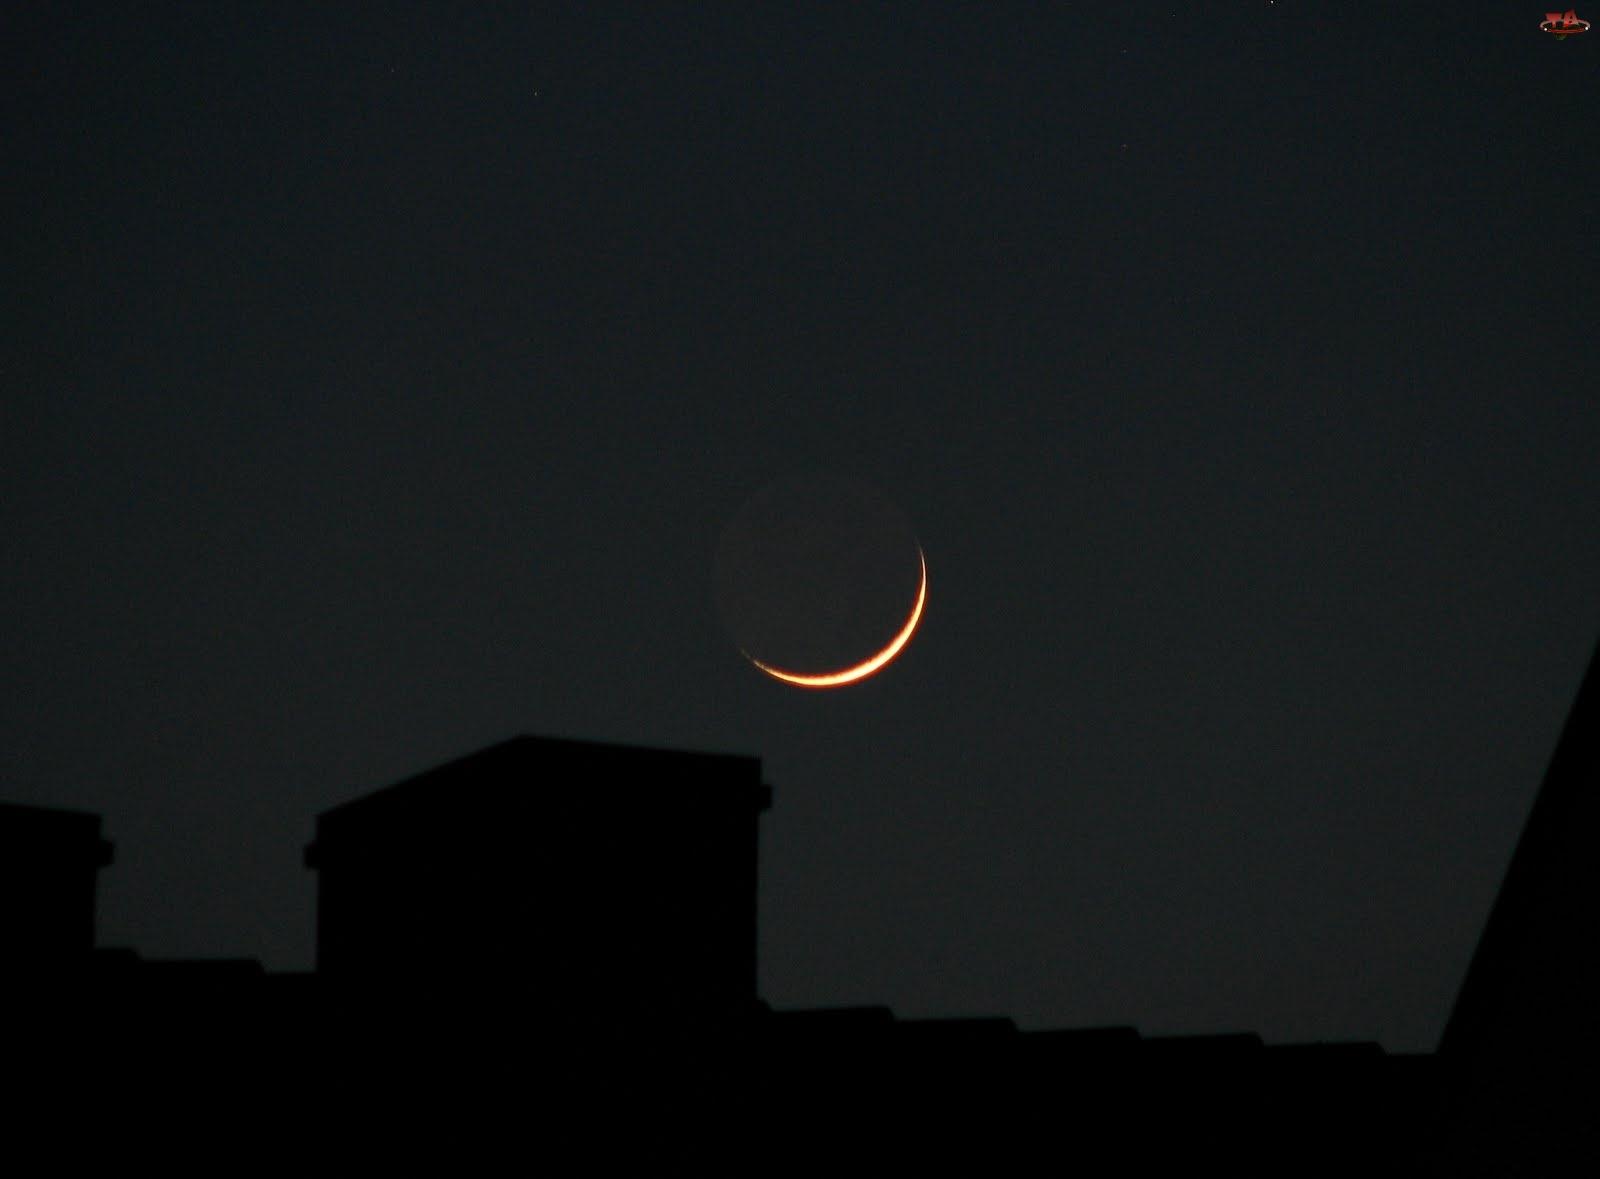 Zaćmienie, Komin, Księżyca, Dach